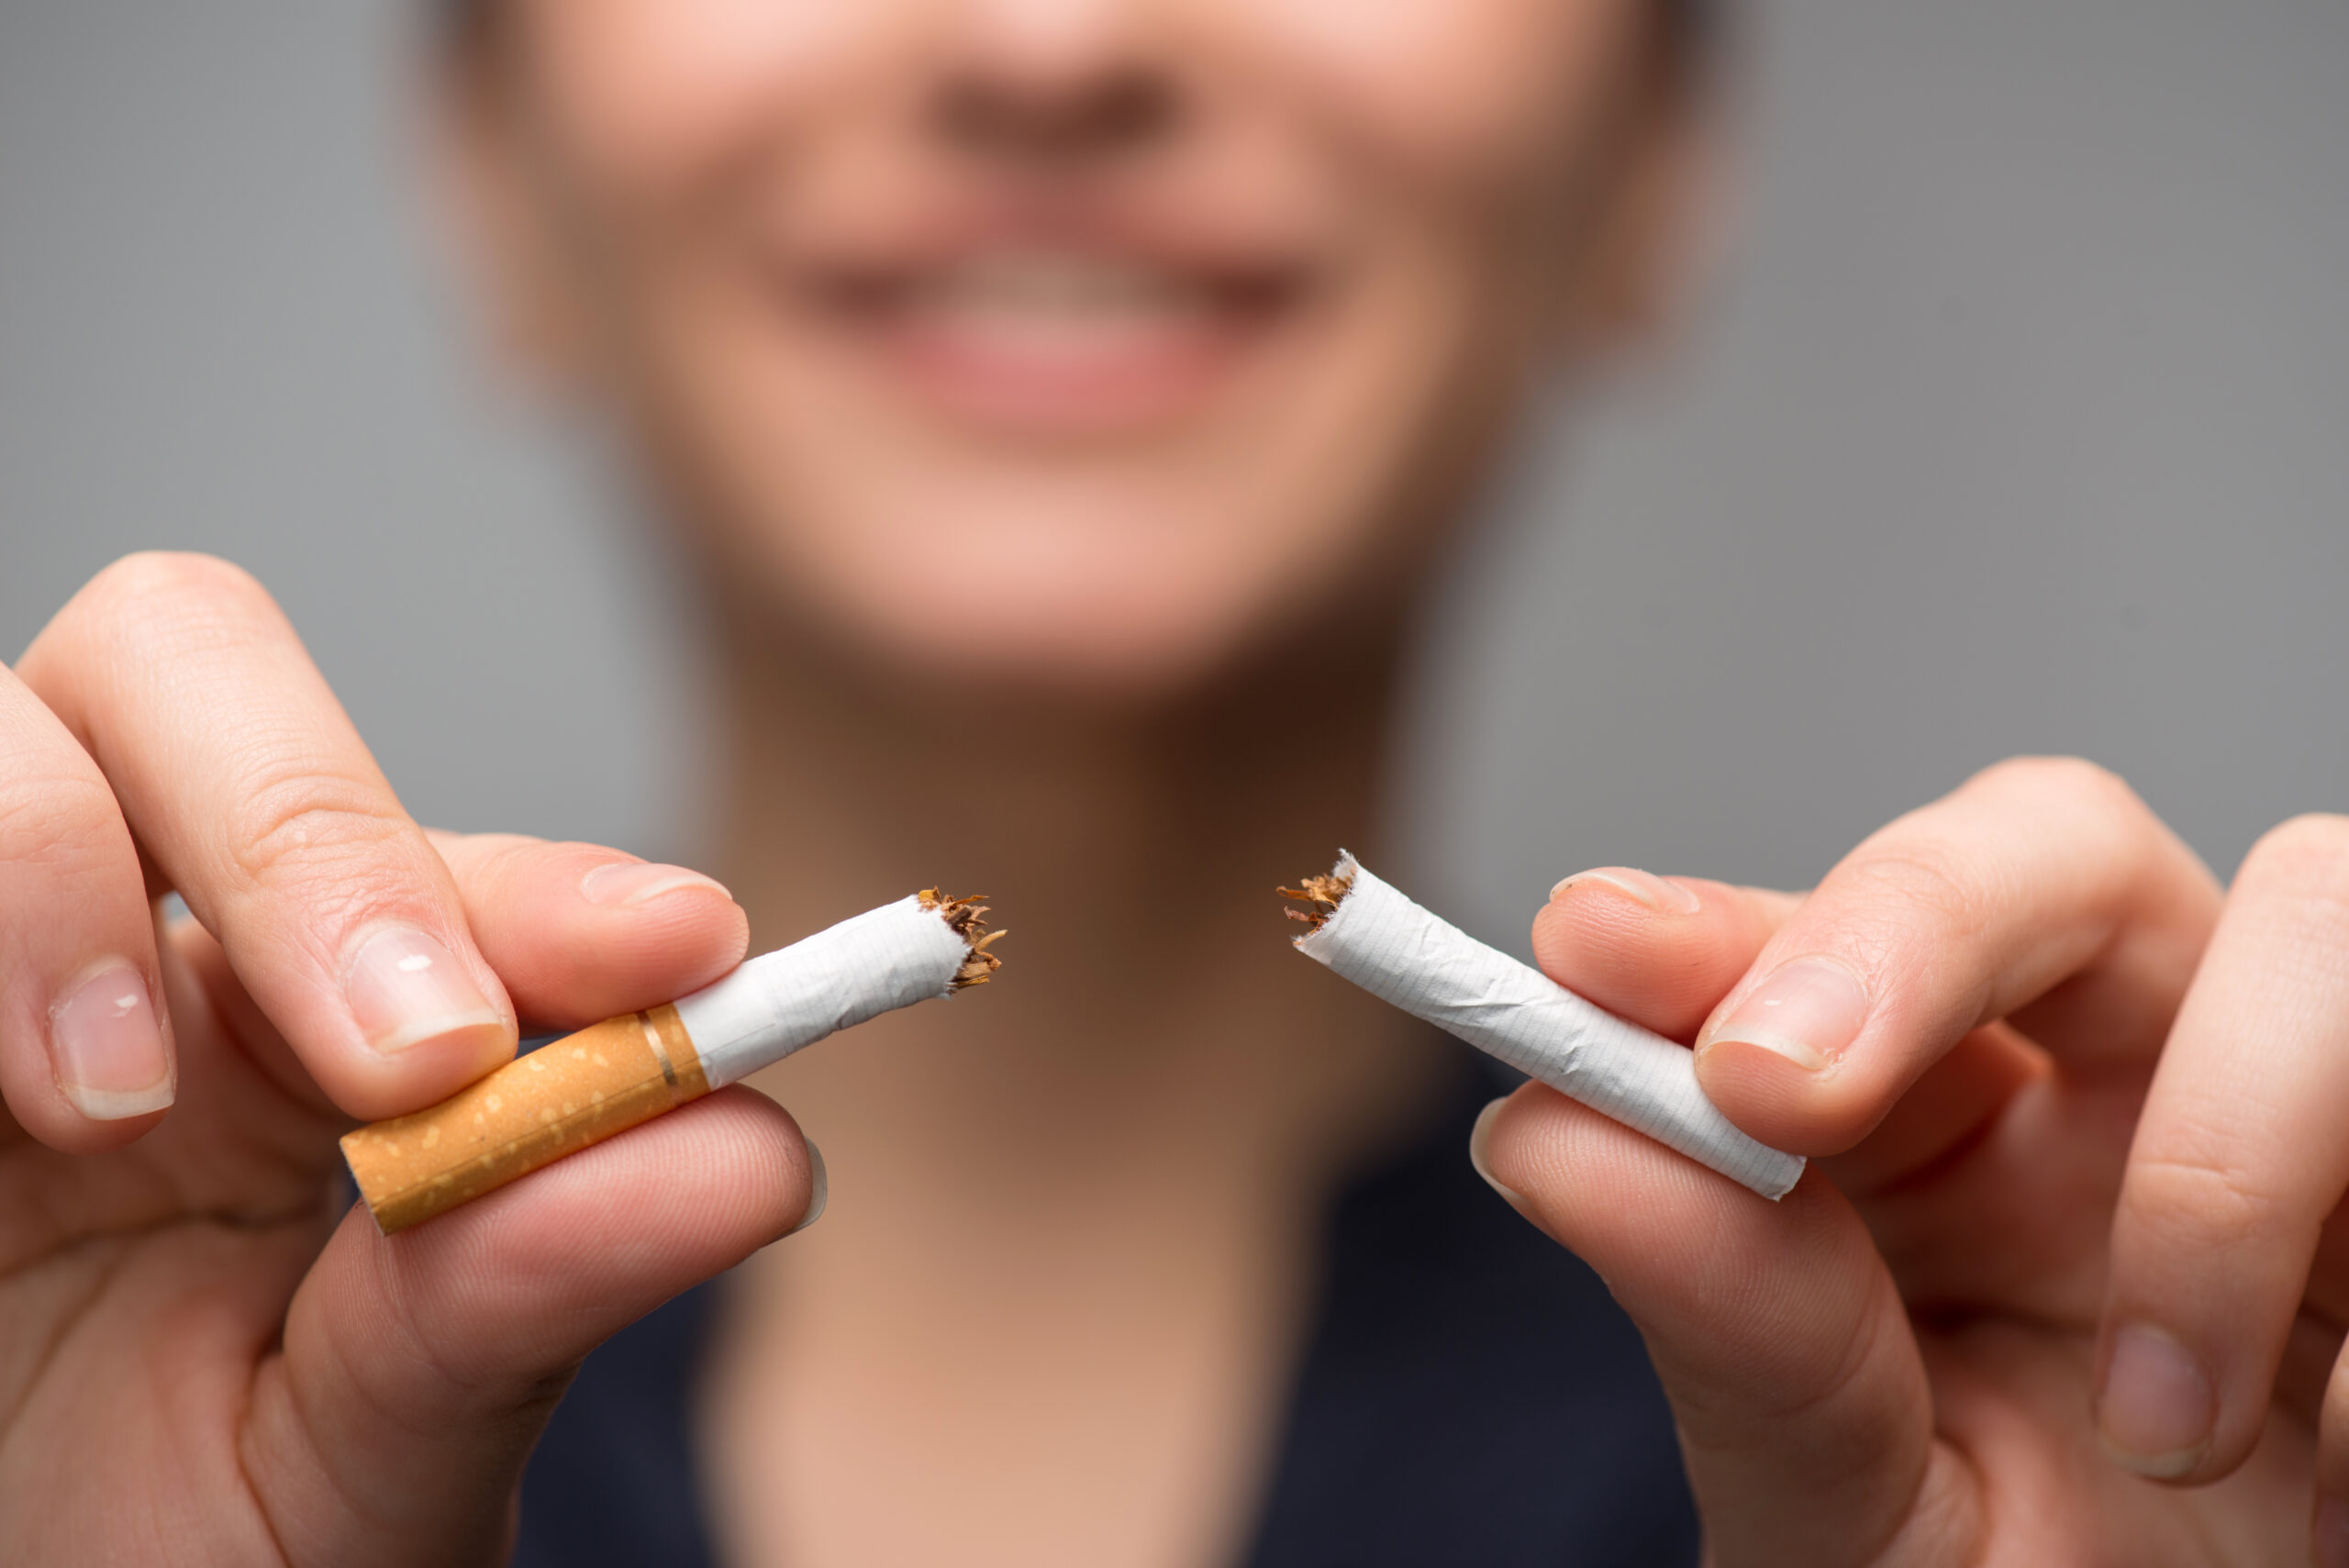 Rossz szokások dohányzás veszélye